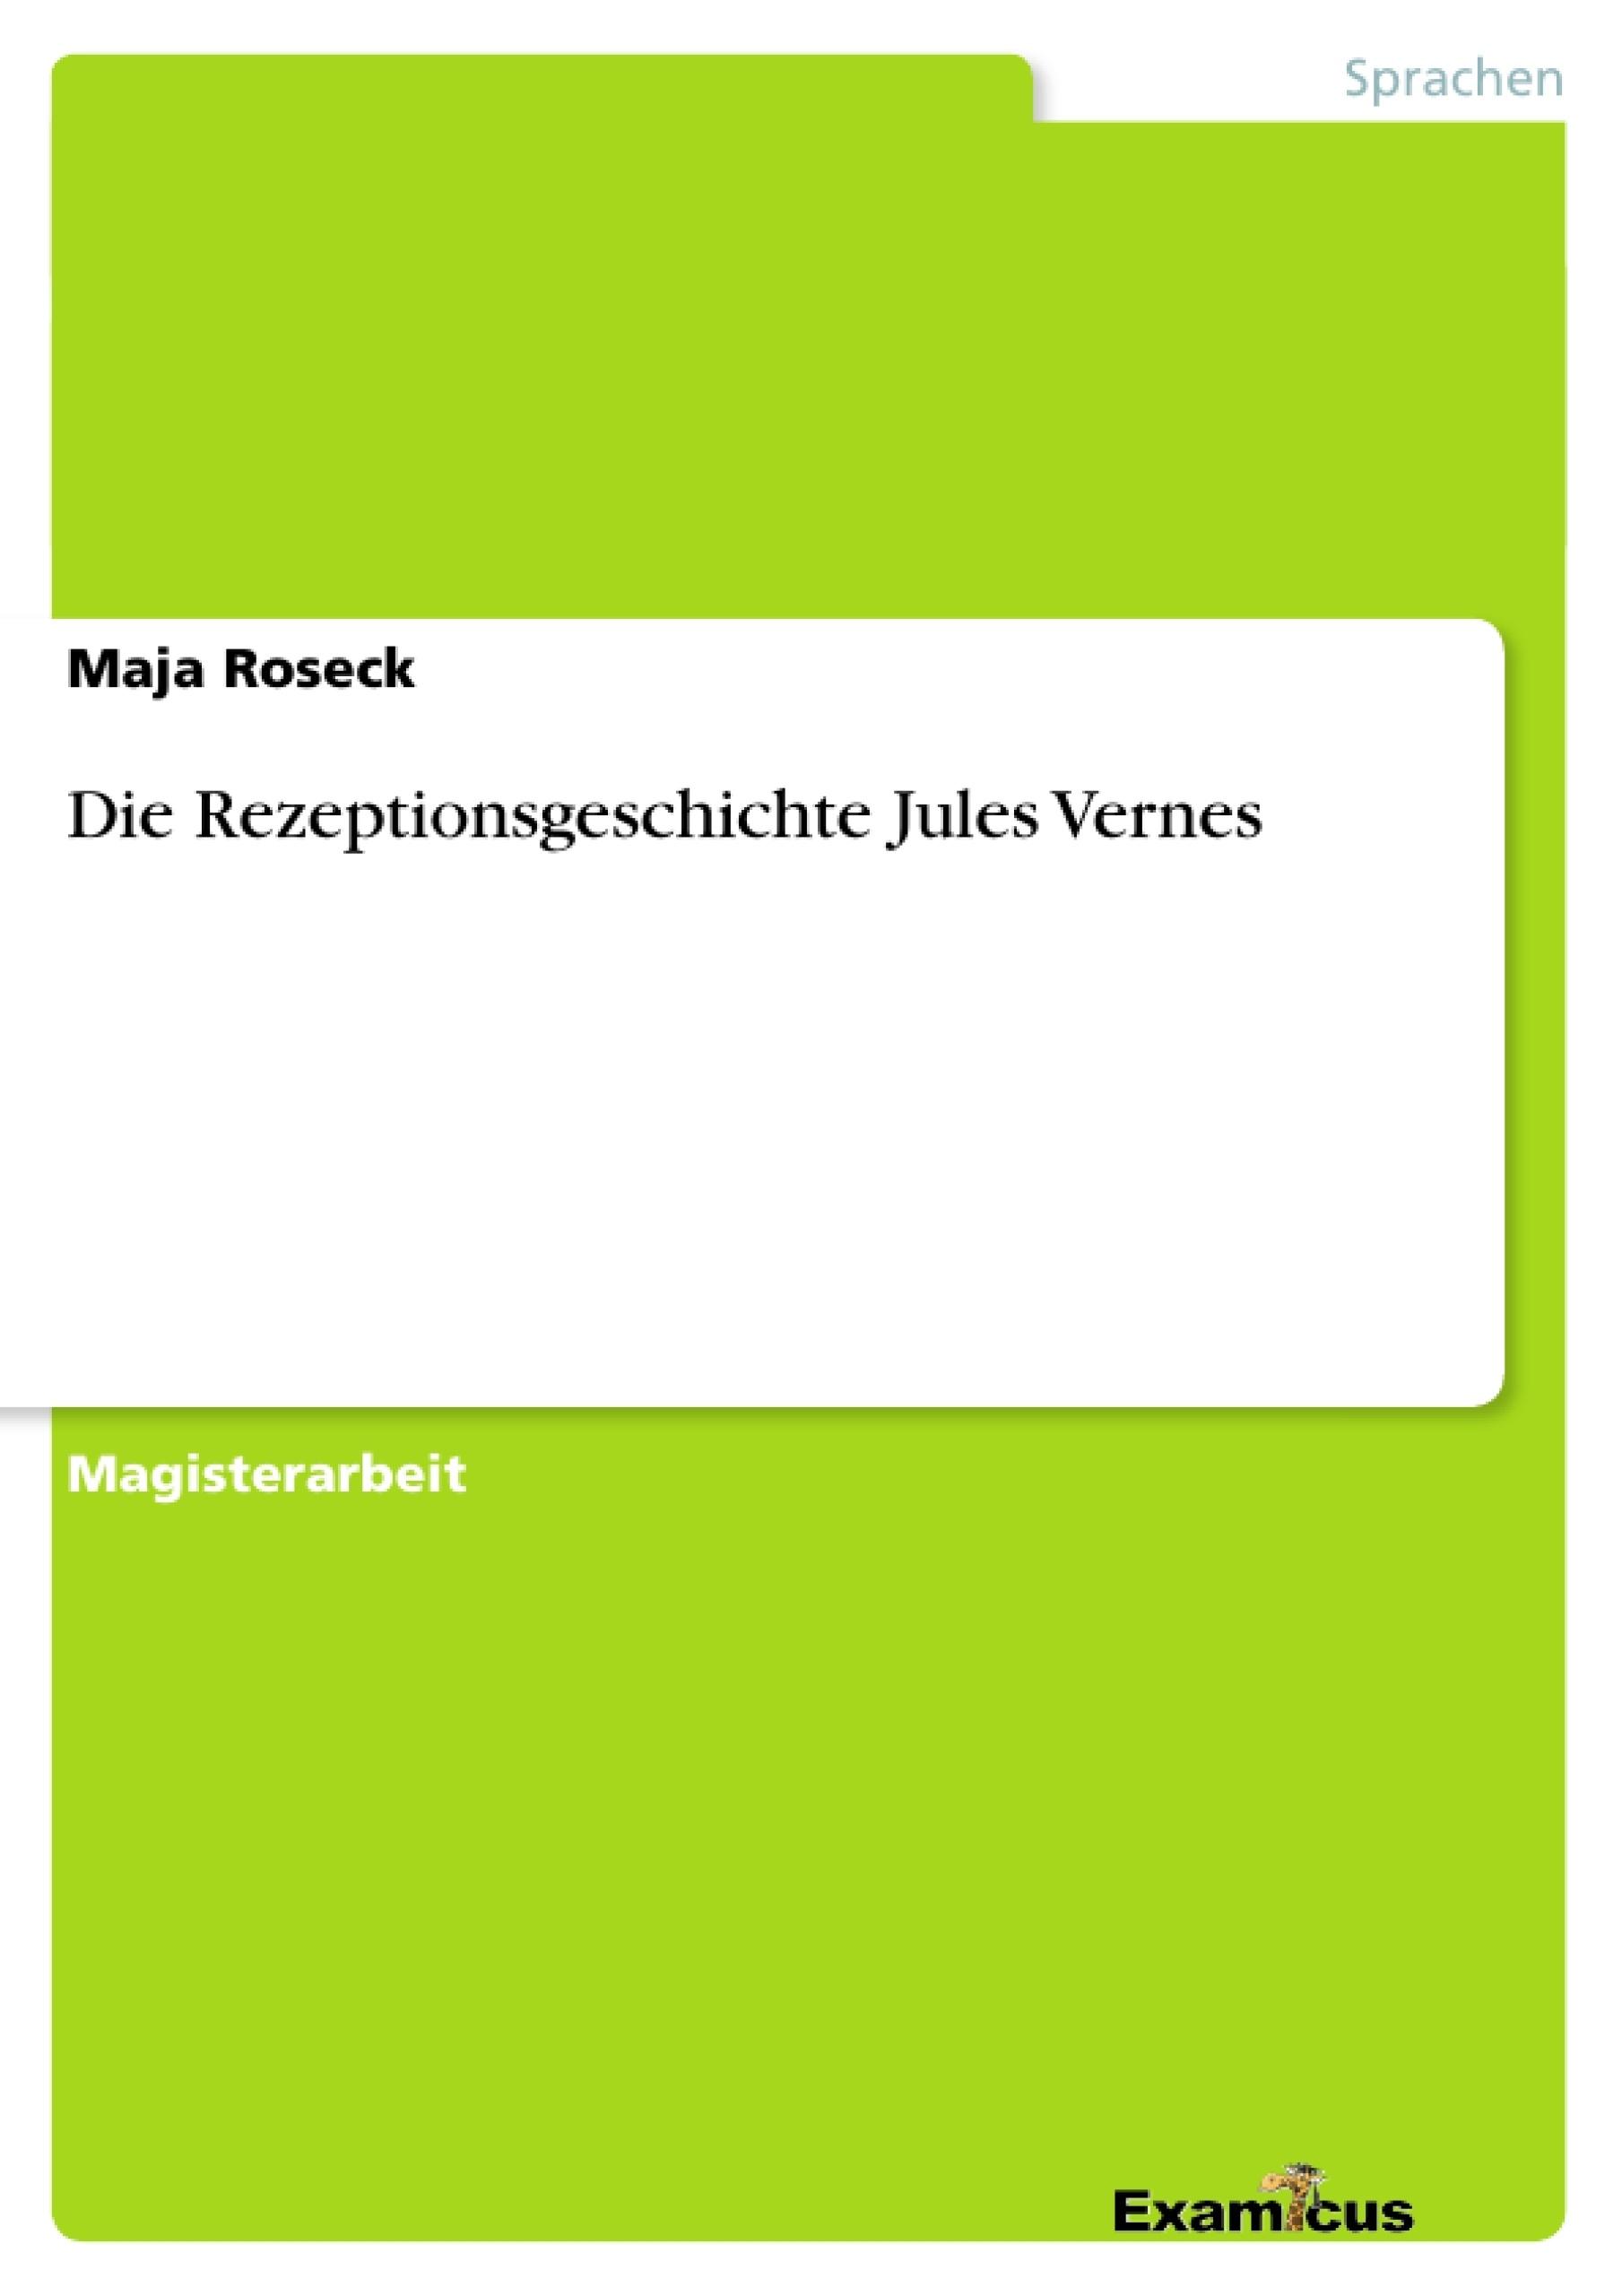 Titel: Die Rezeptionsgeschichte Jules Vernes